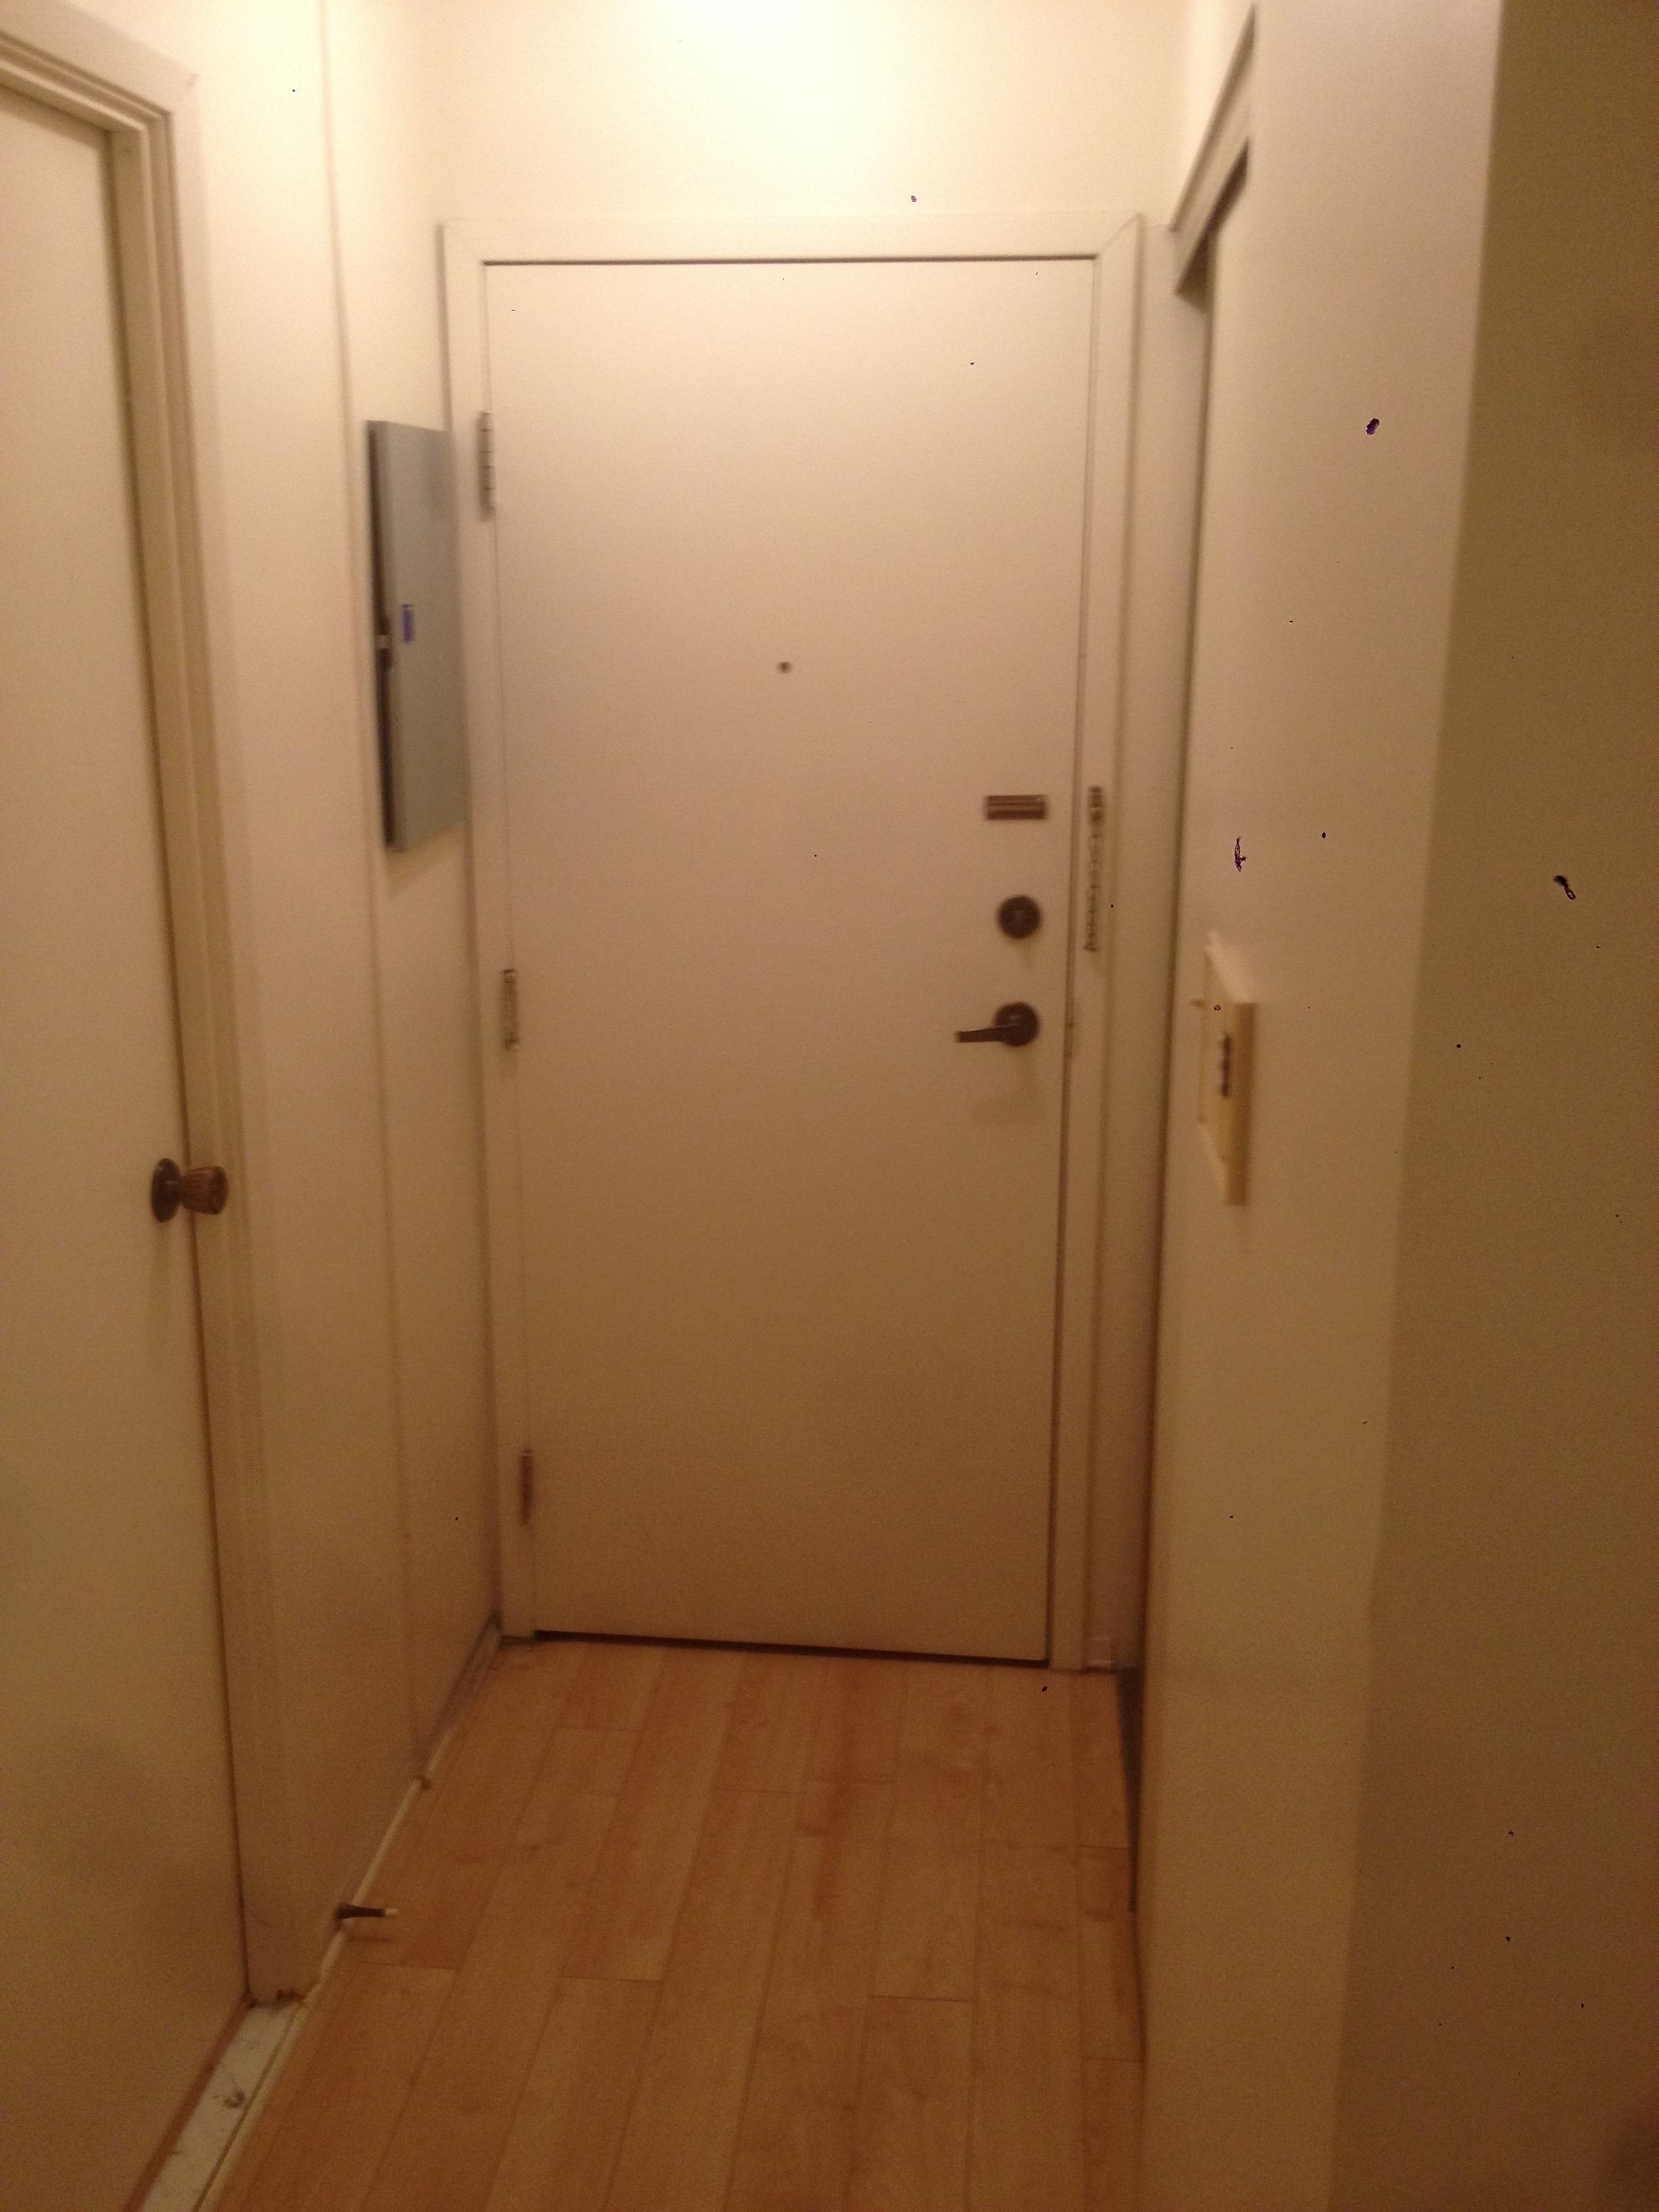 2 bedroom Apartments for rent in Sainte-Anne-de-Bellevue at Maple - Photo 06 - RentersPages – L112103